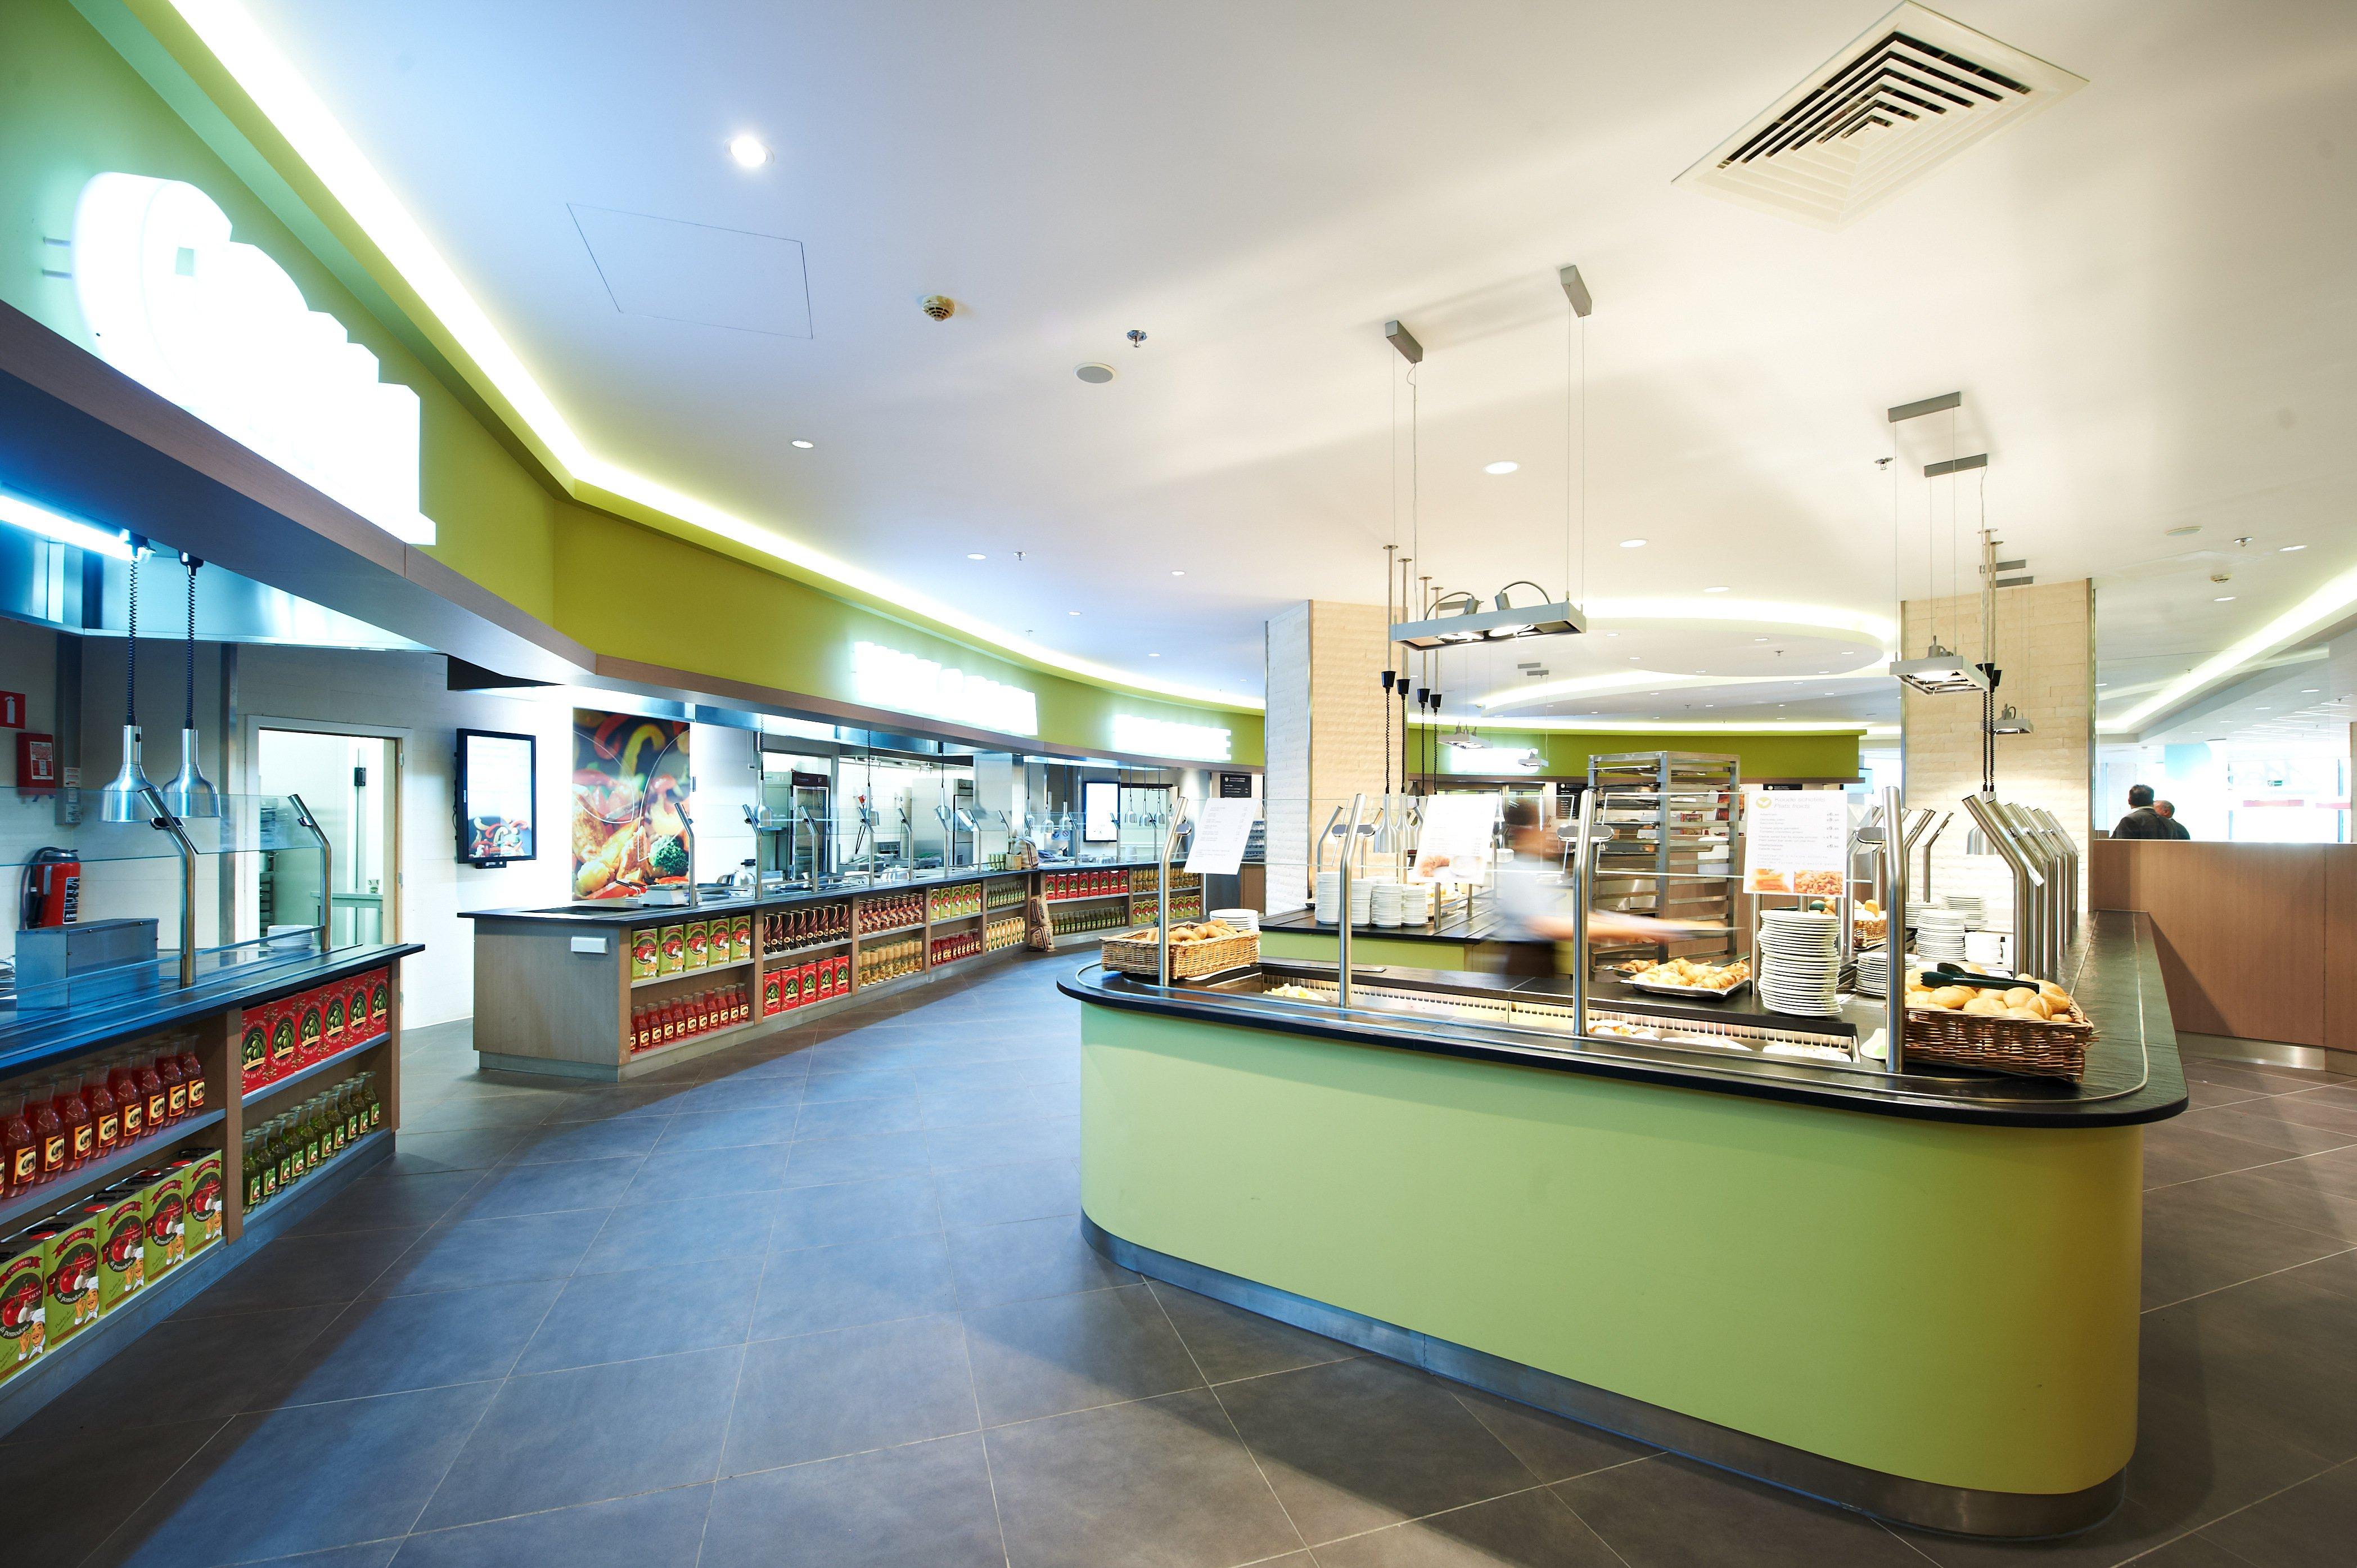 adfaf9a437b LUNCH GARDEN ANTWERPEN INNO MEIR - Belgisch Restaurant - Antwerpen-centrum  2000